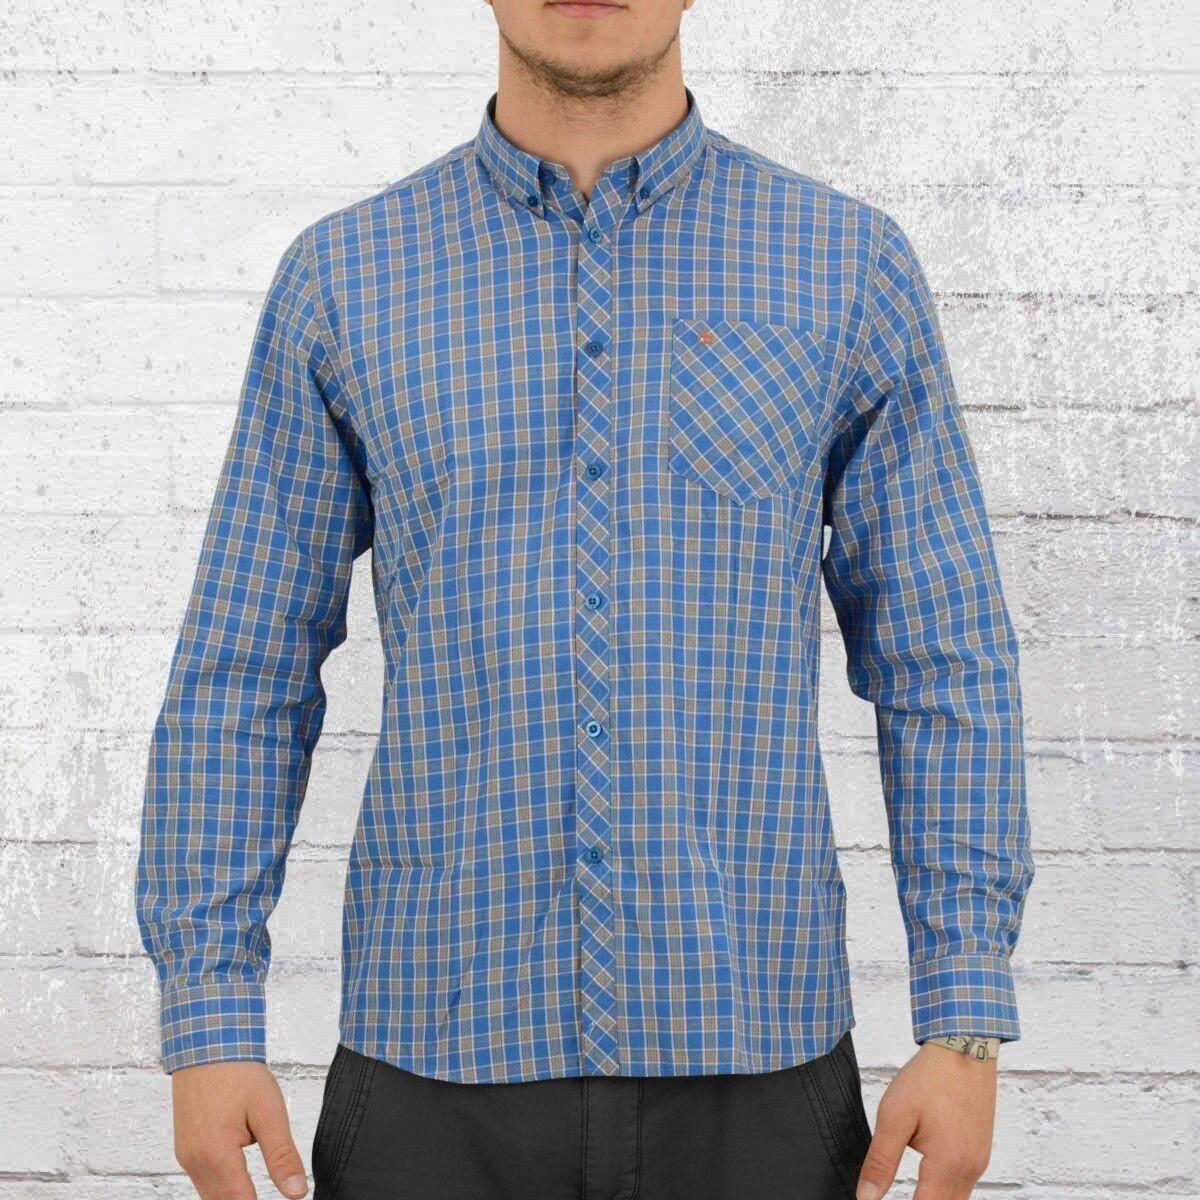 Merc manica lunga uomo Button-down a quadri Camicia Gorse blu a quadri uomini CHECK SHIRT